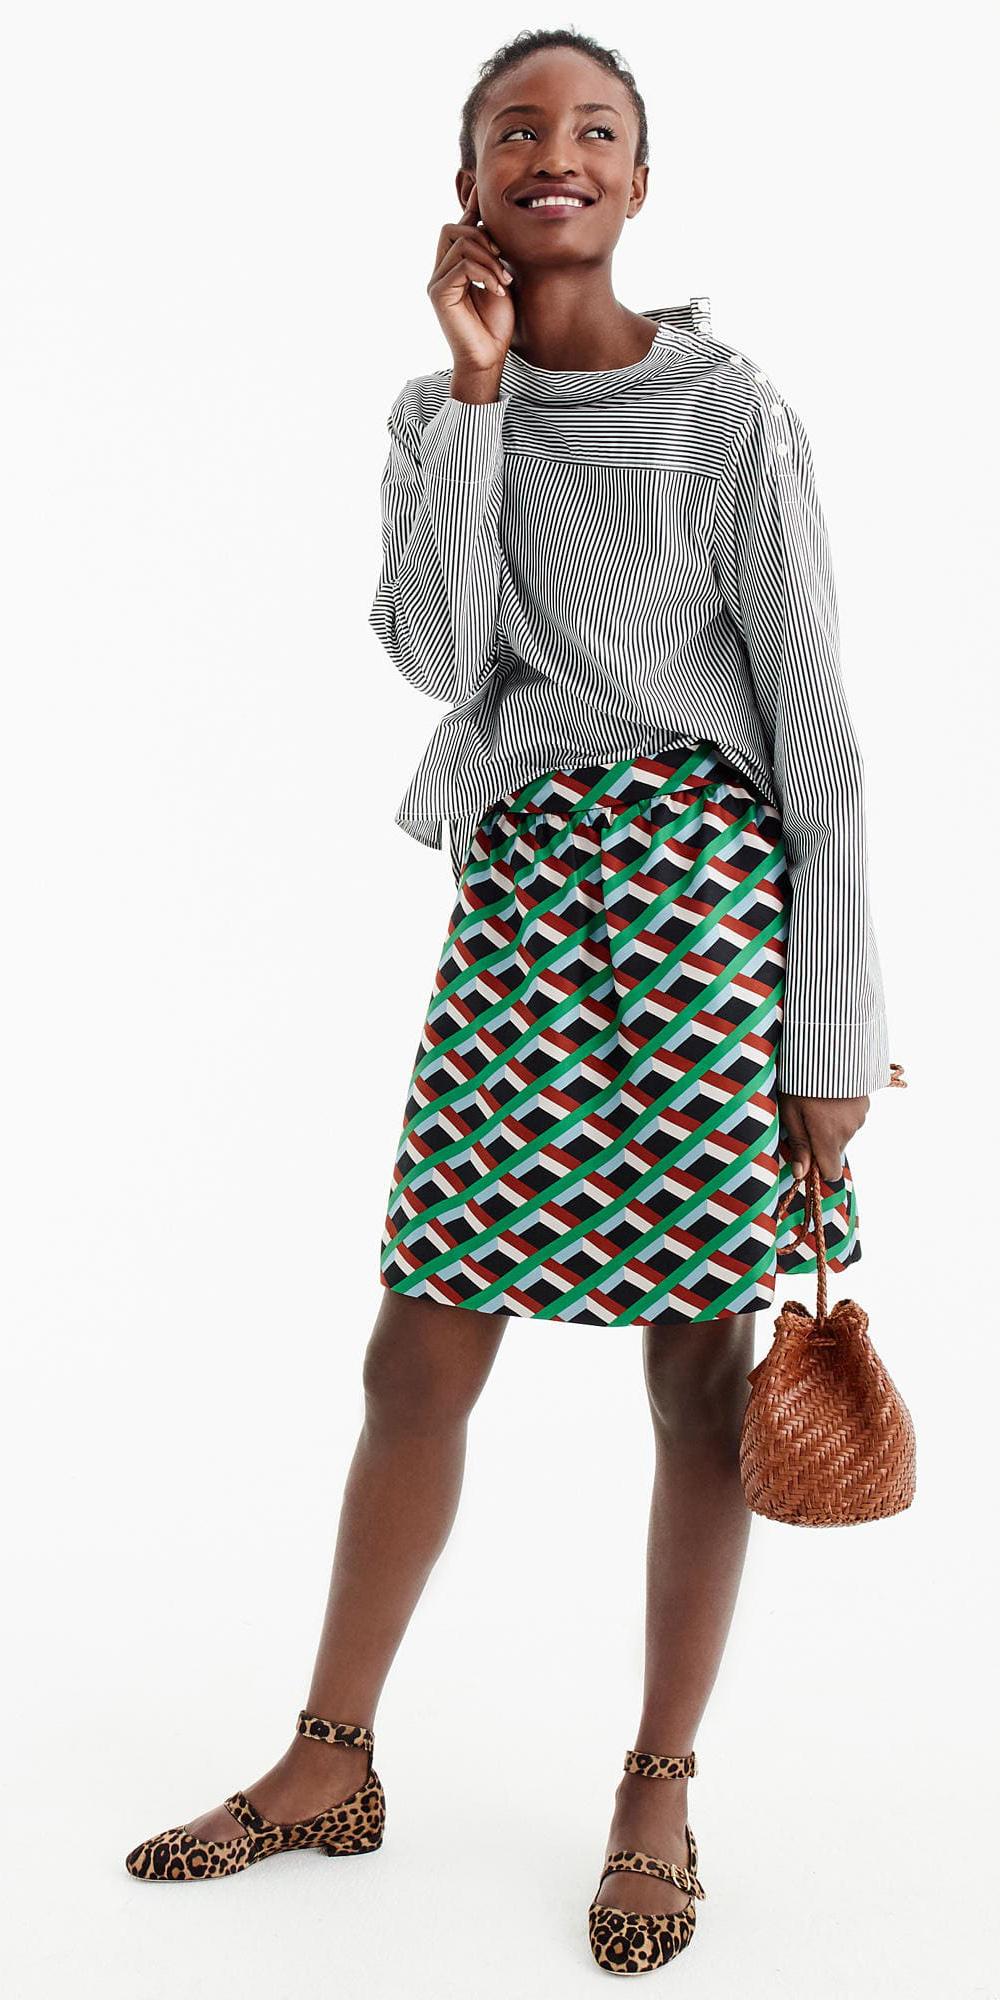 green-emerald-mini-skirt-print-cognac-bag-brun-tan-shoe-flats-leopard-fall-winter-weekend.jpg